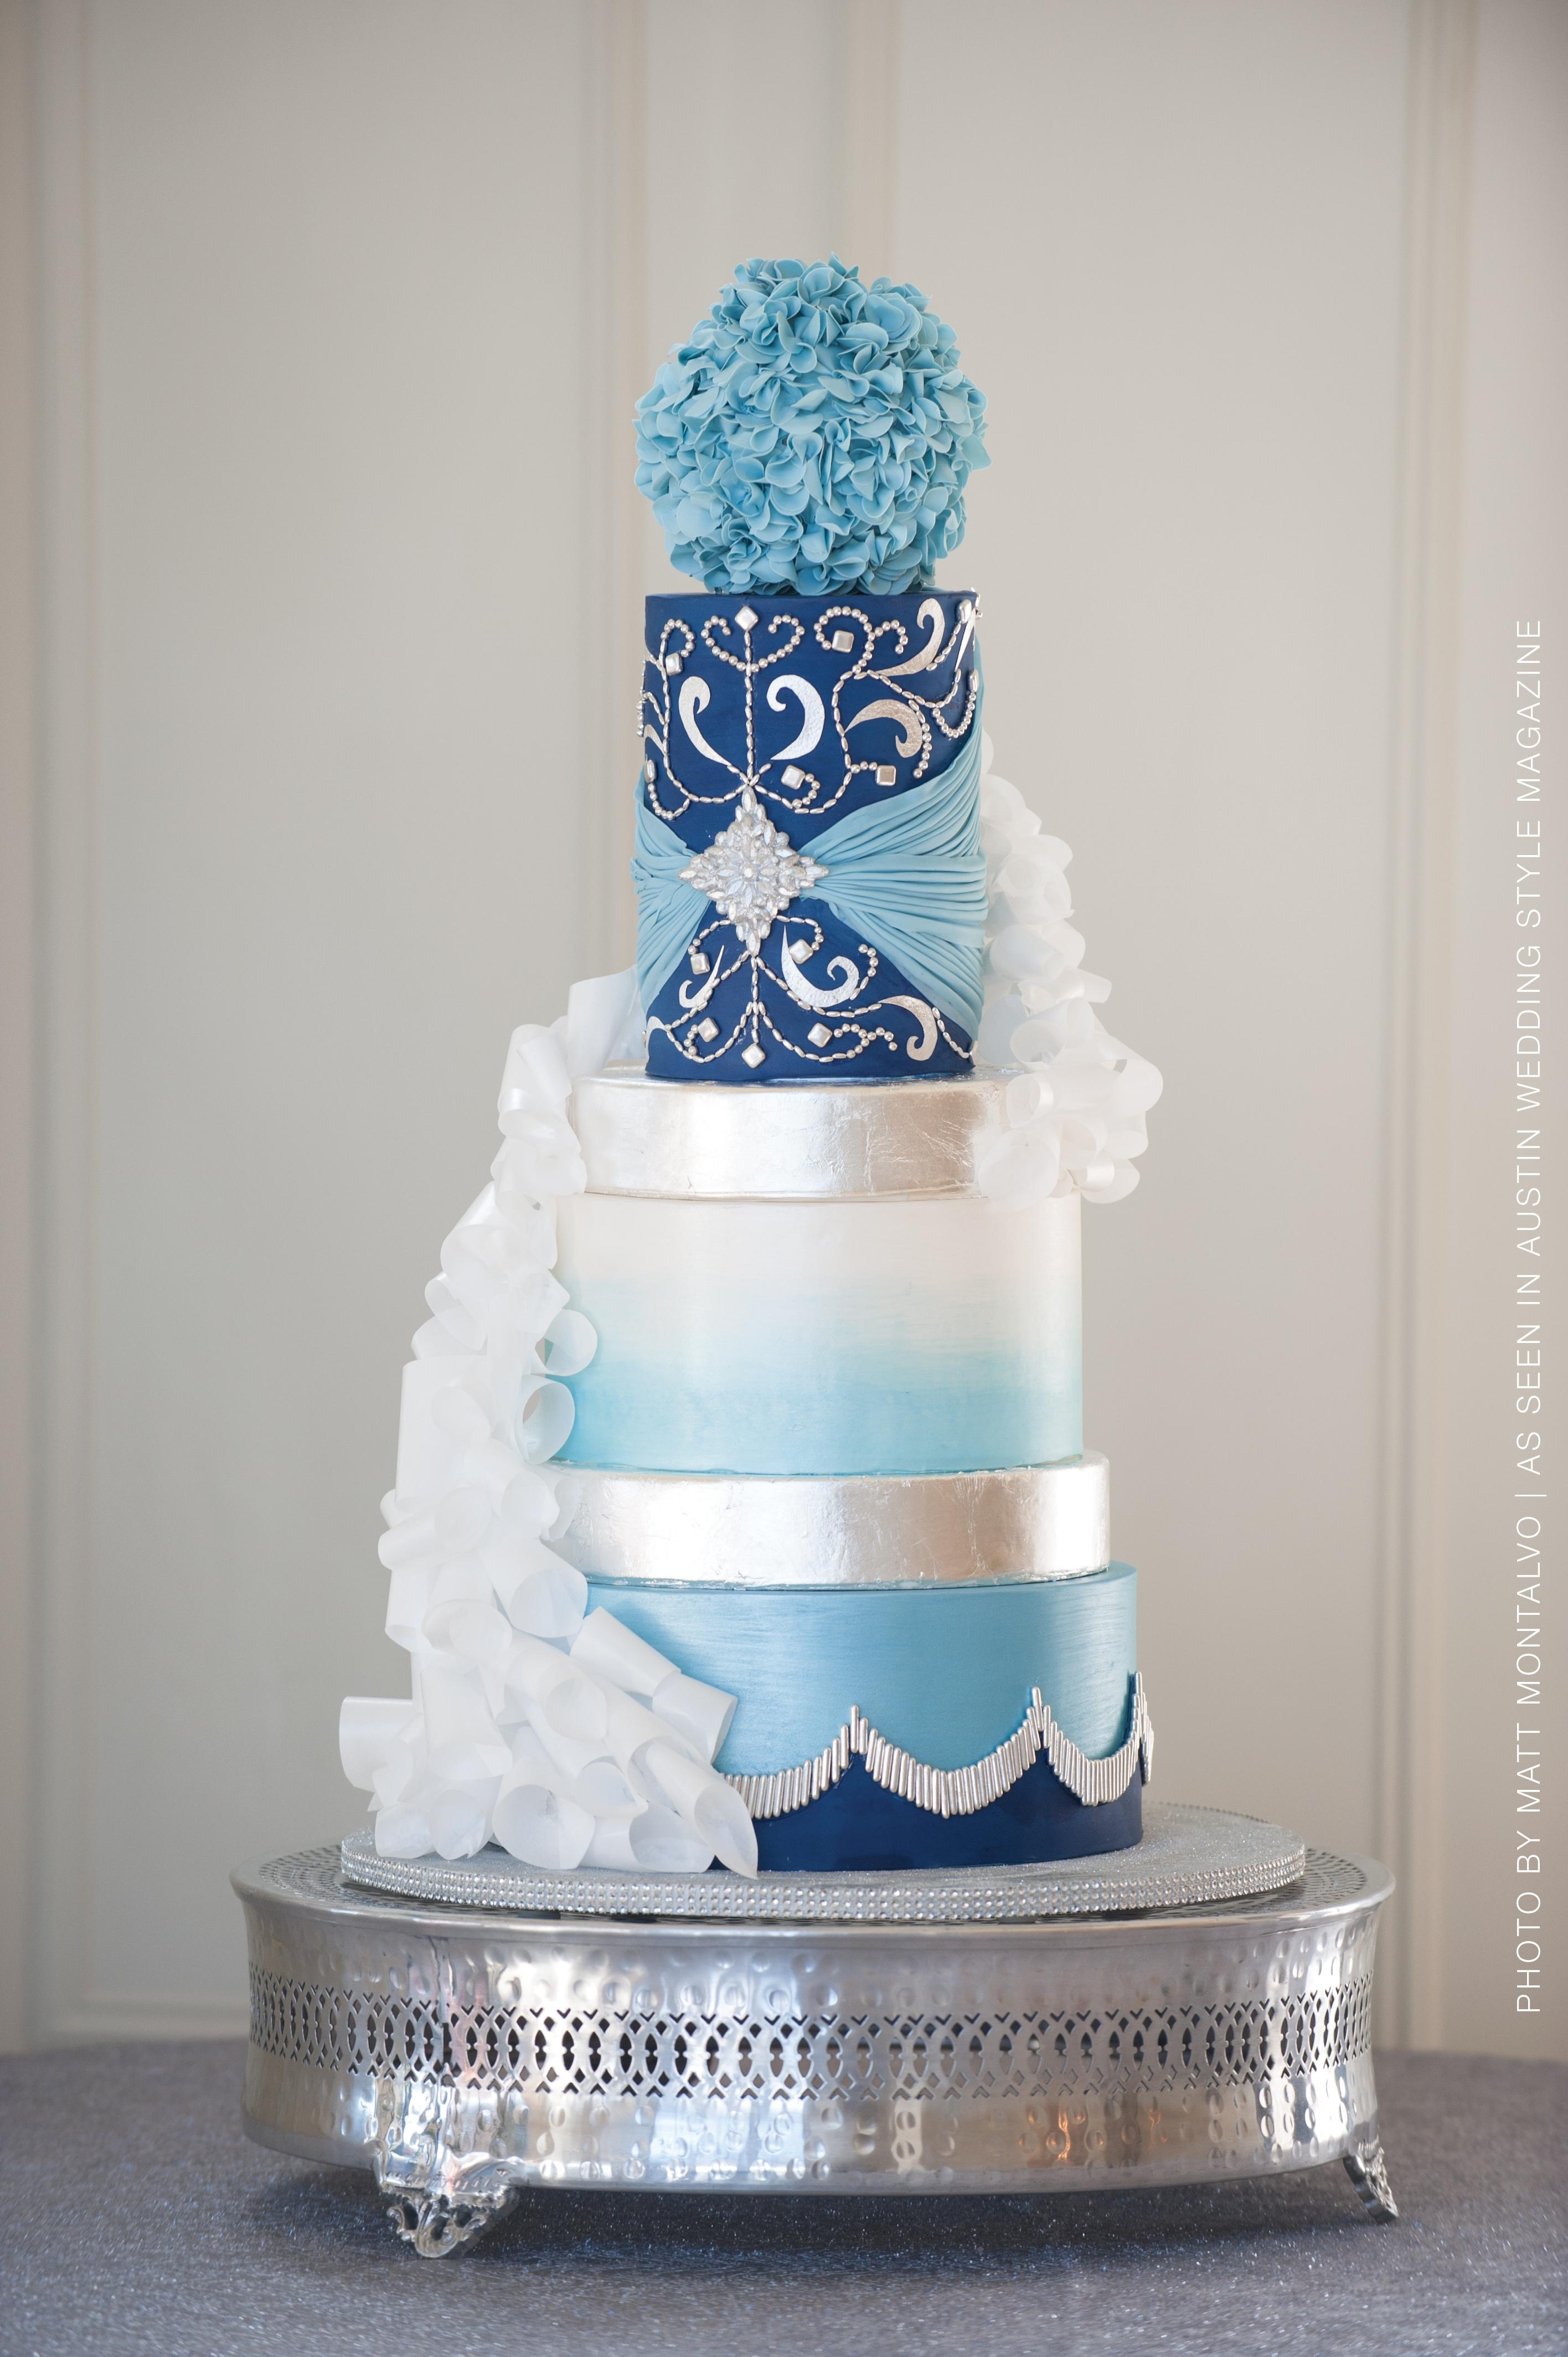 Wintry Wedding Cake - CakeCentral.com